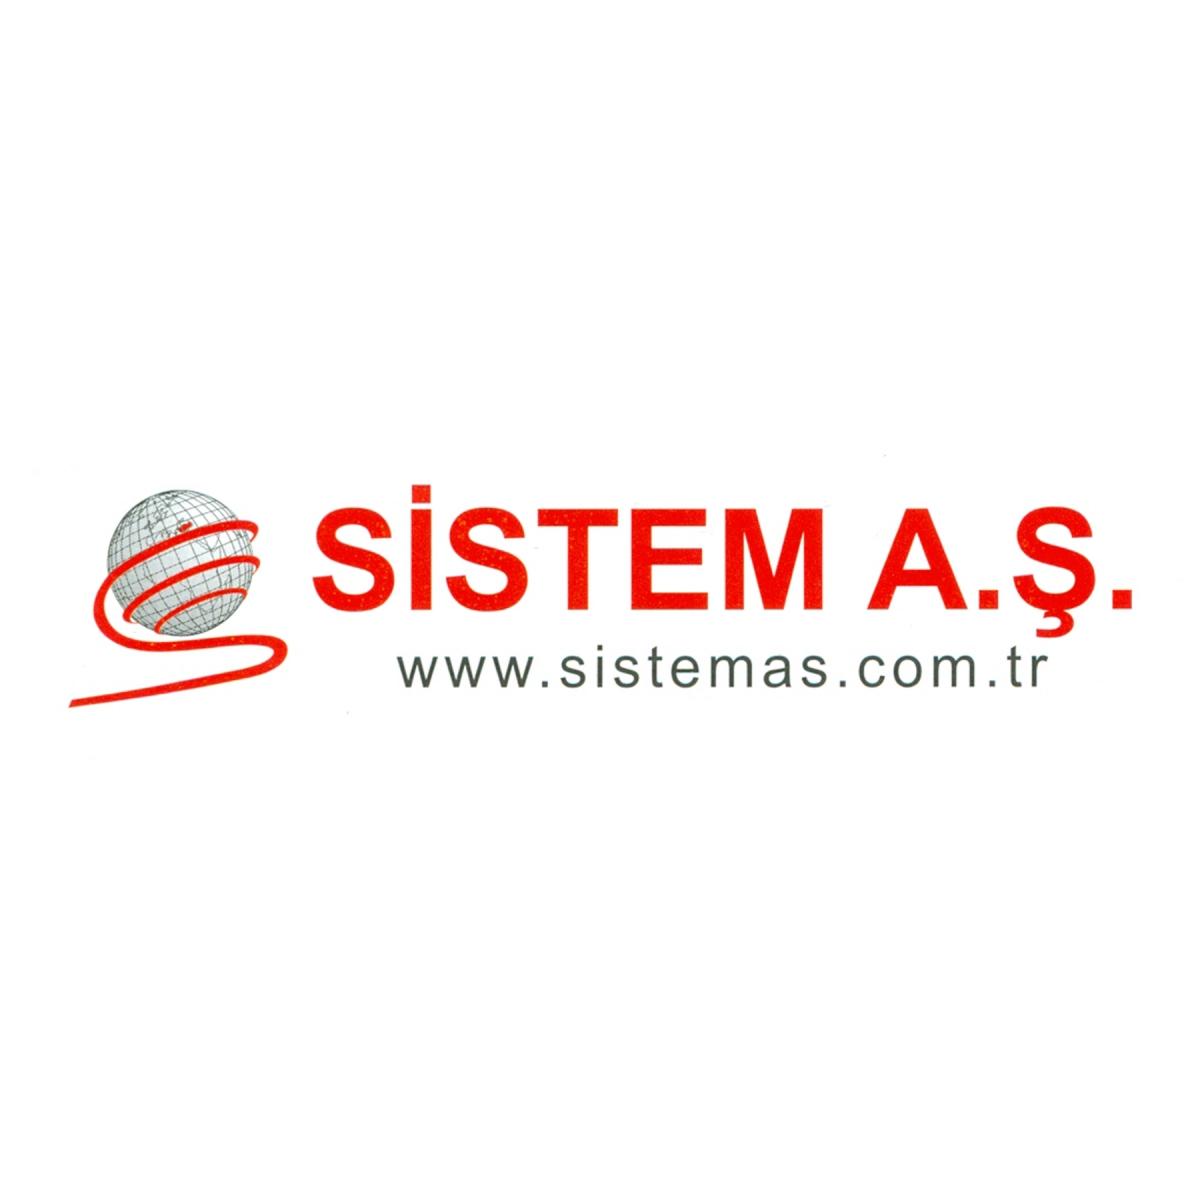 Sistem A.Ş